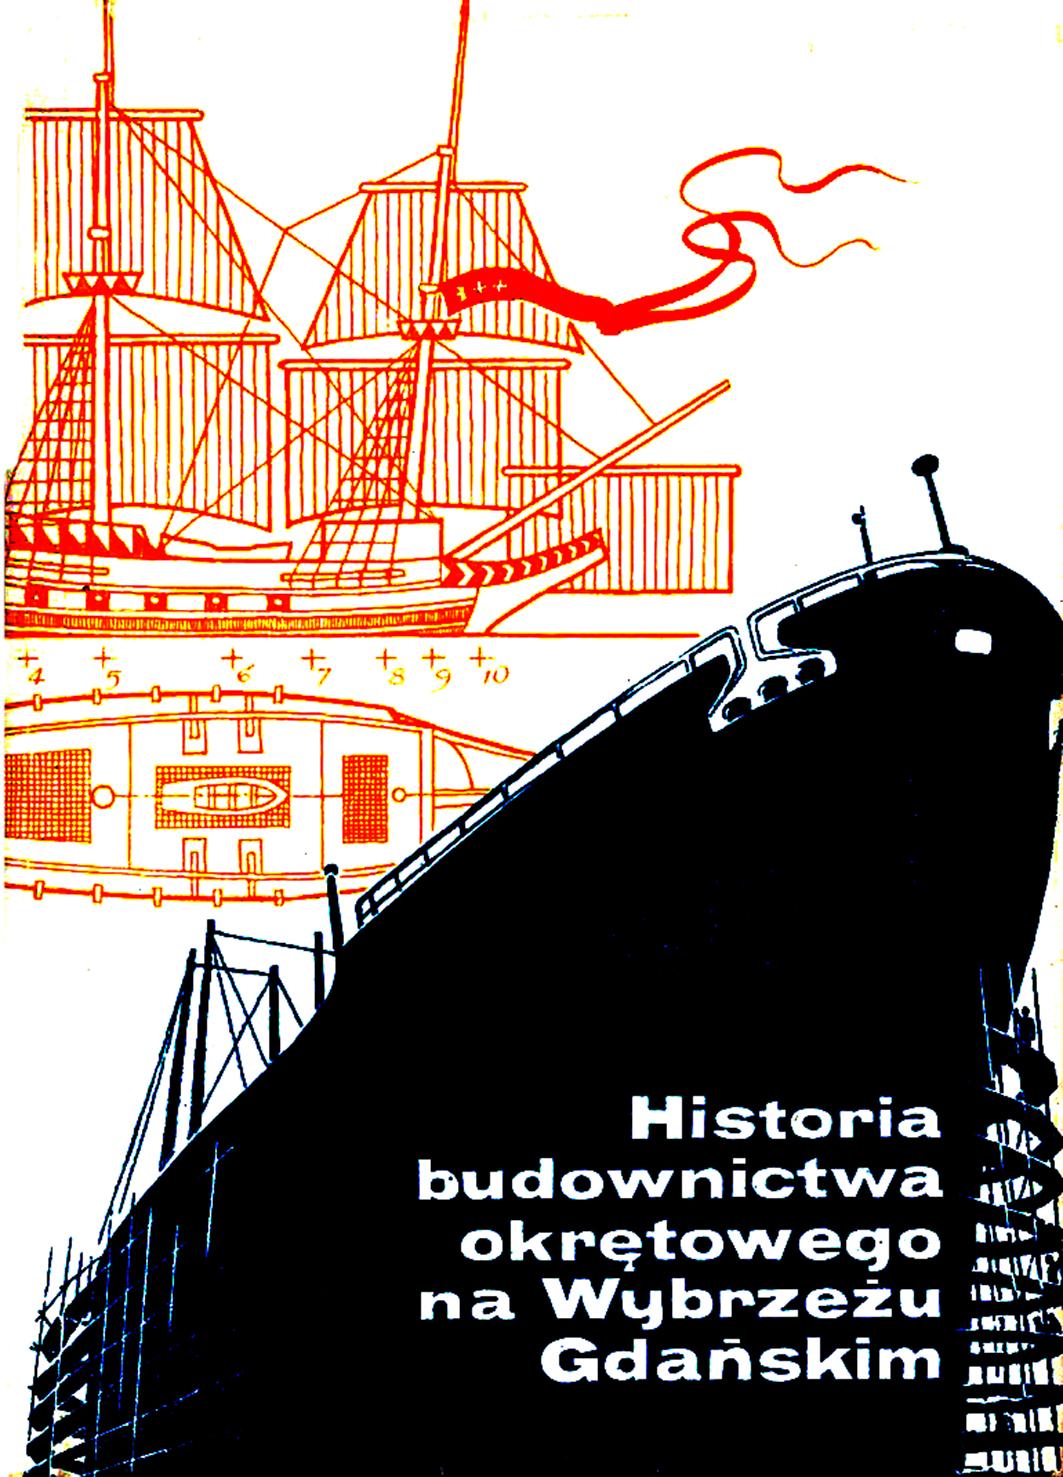 Historia budownictwa okrętowego